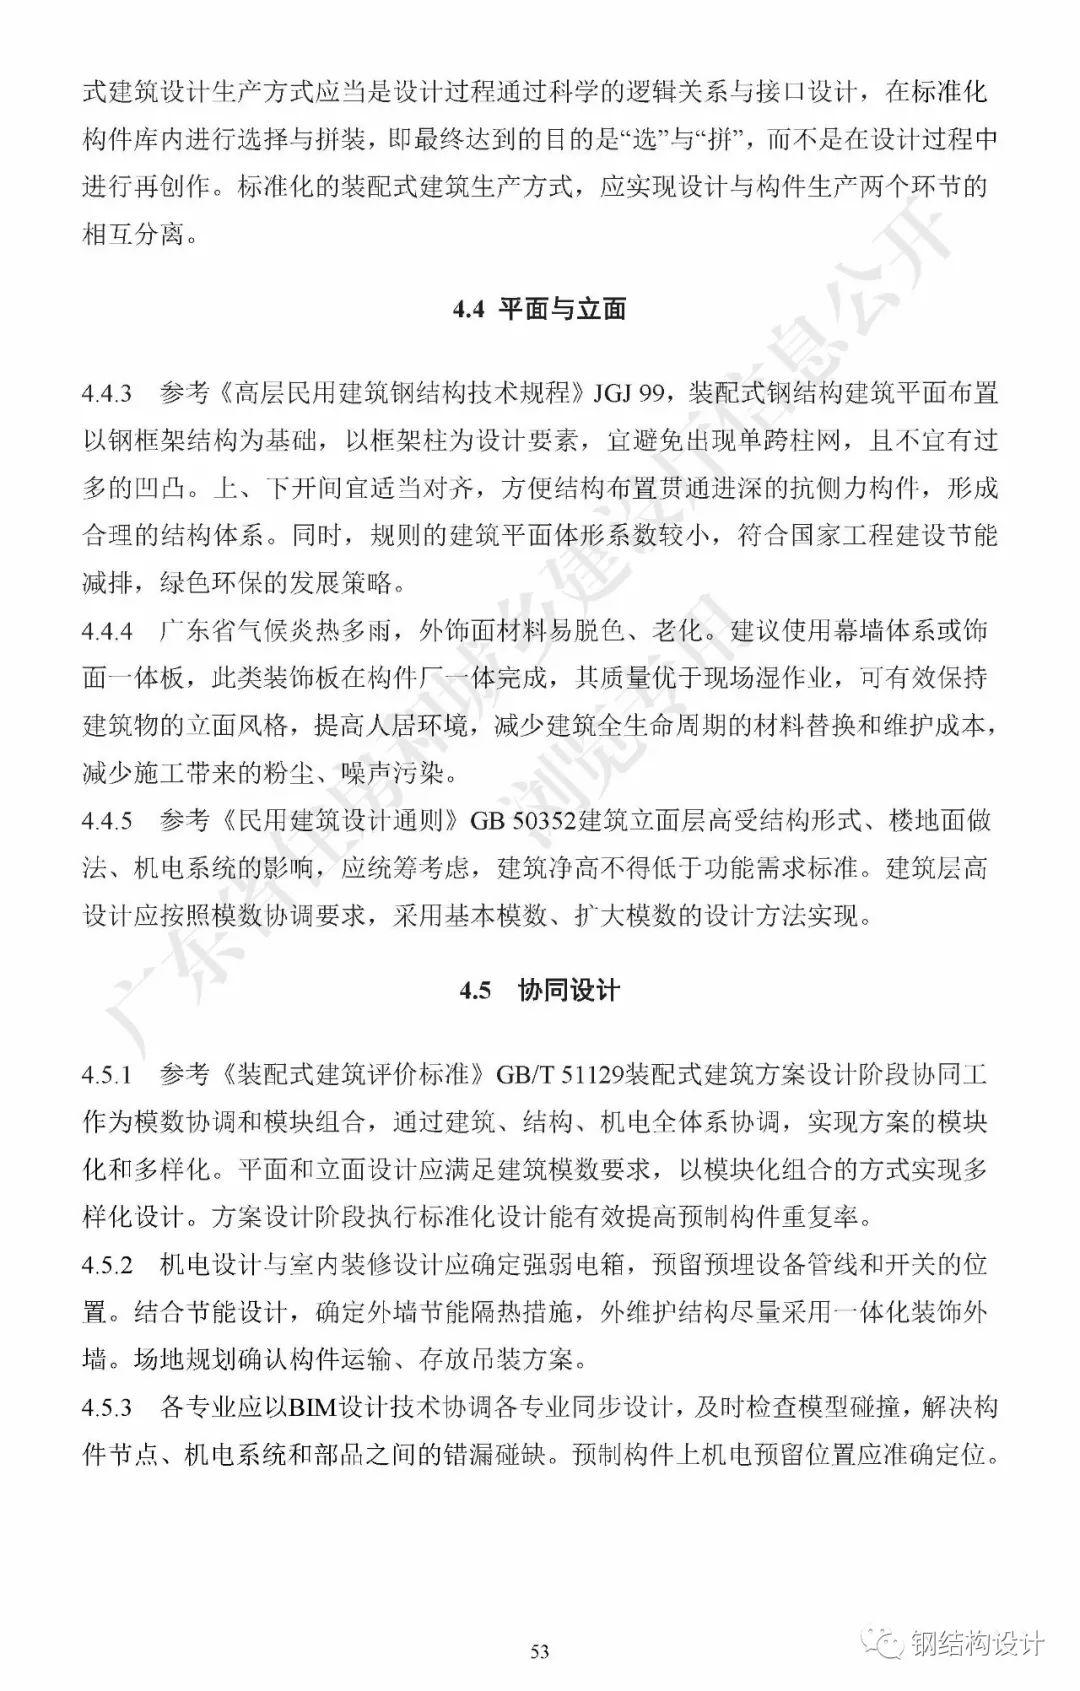 广东省《装配式钢结构建筑技术规程》发布_63